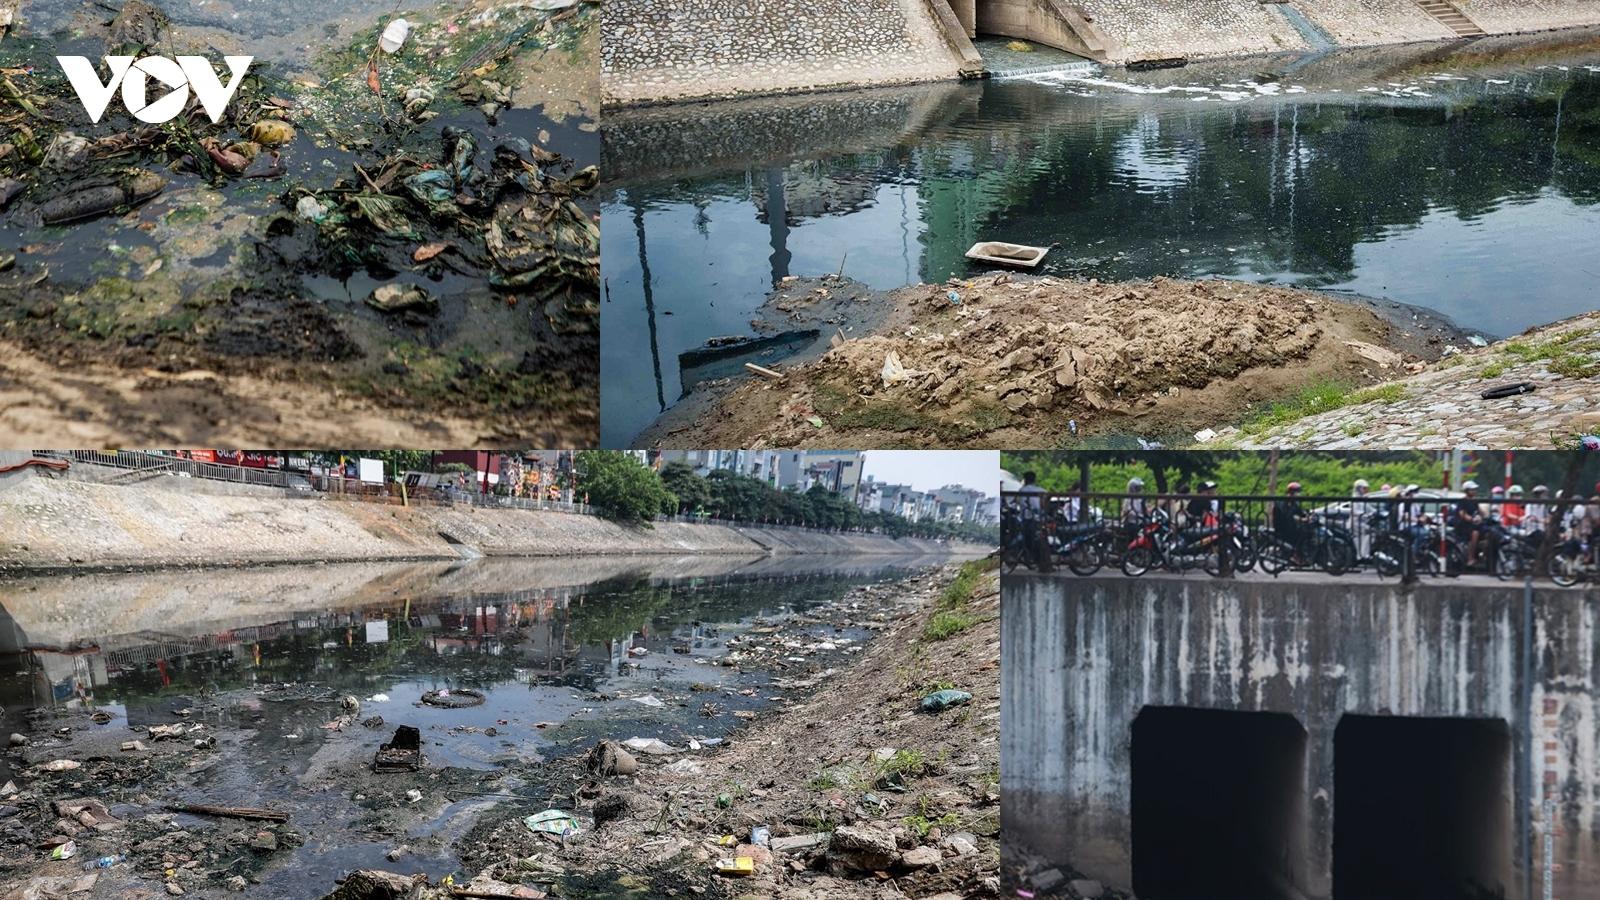 Tô Lịch vẫn là dòng sông chết dù nhiều phương án cải tạo được đưa ra